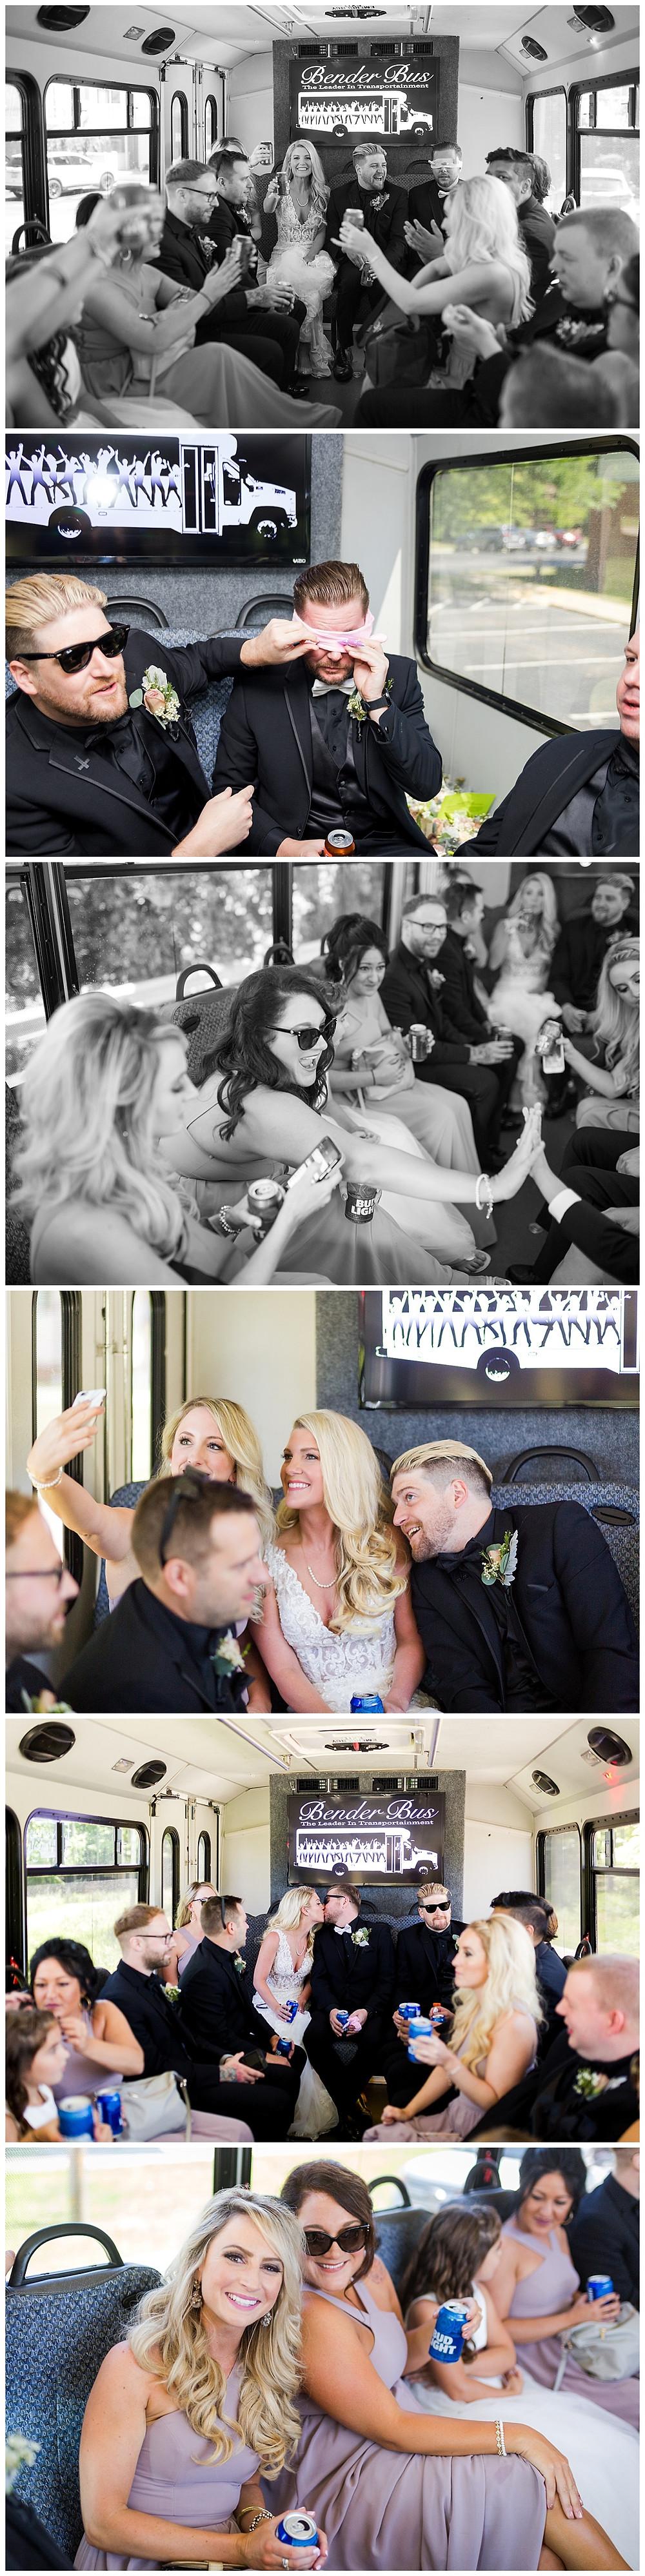 party bus wedding cleveland ohio